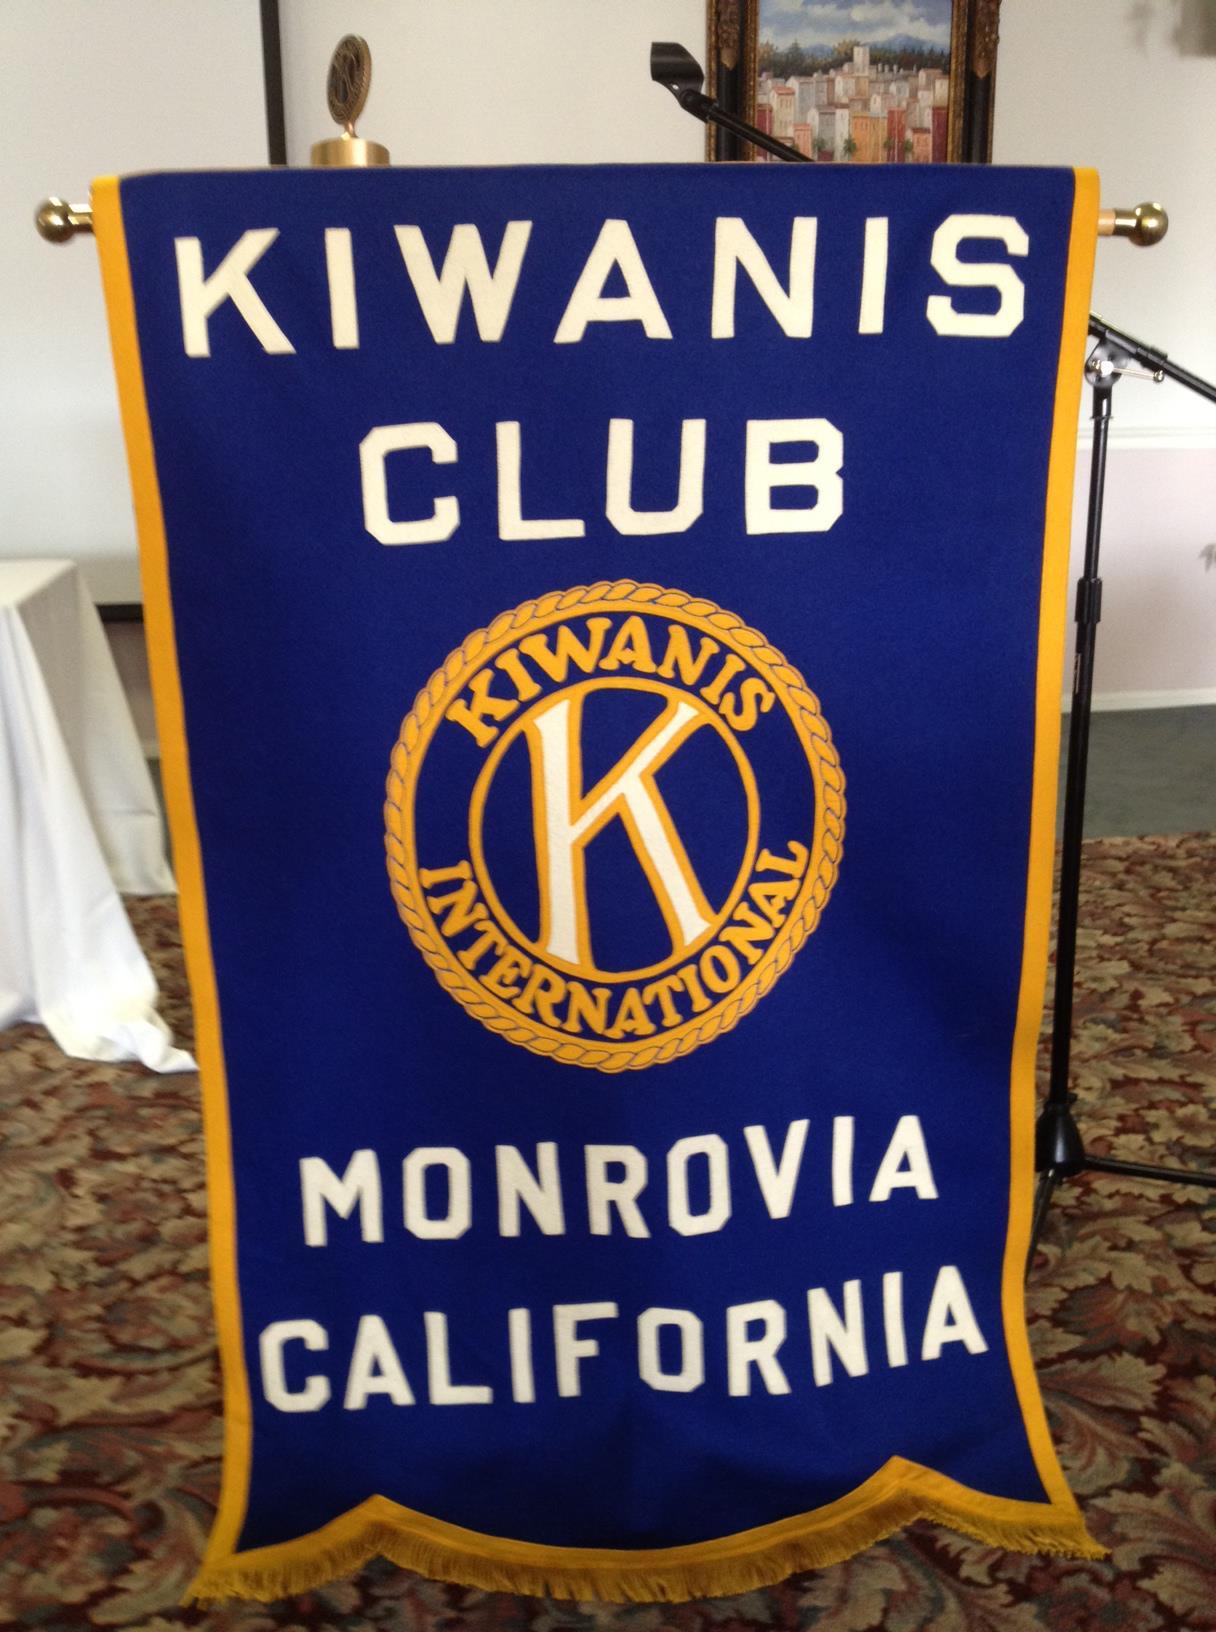 Kiwanis Club of Monrovia